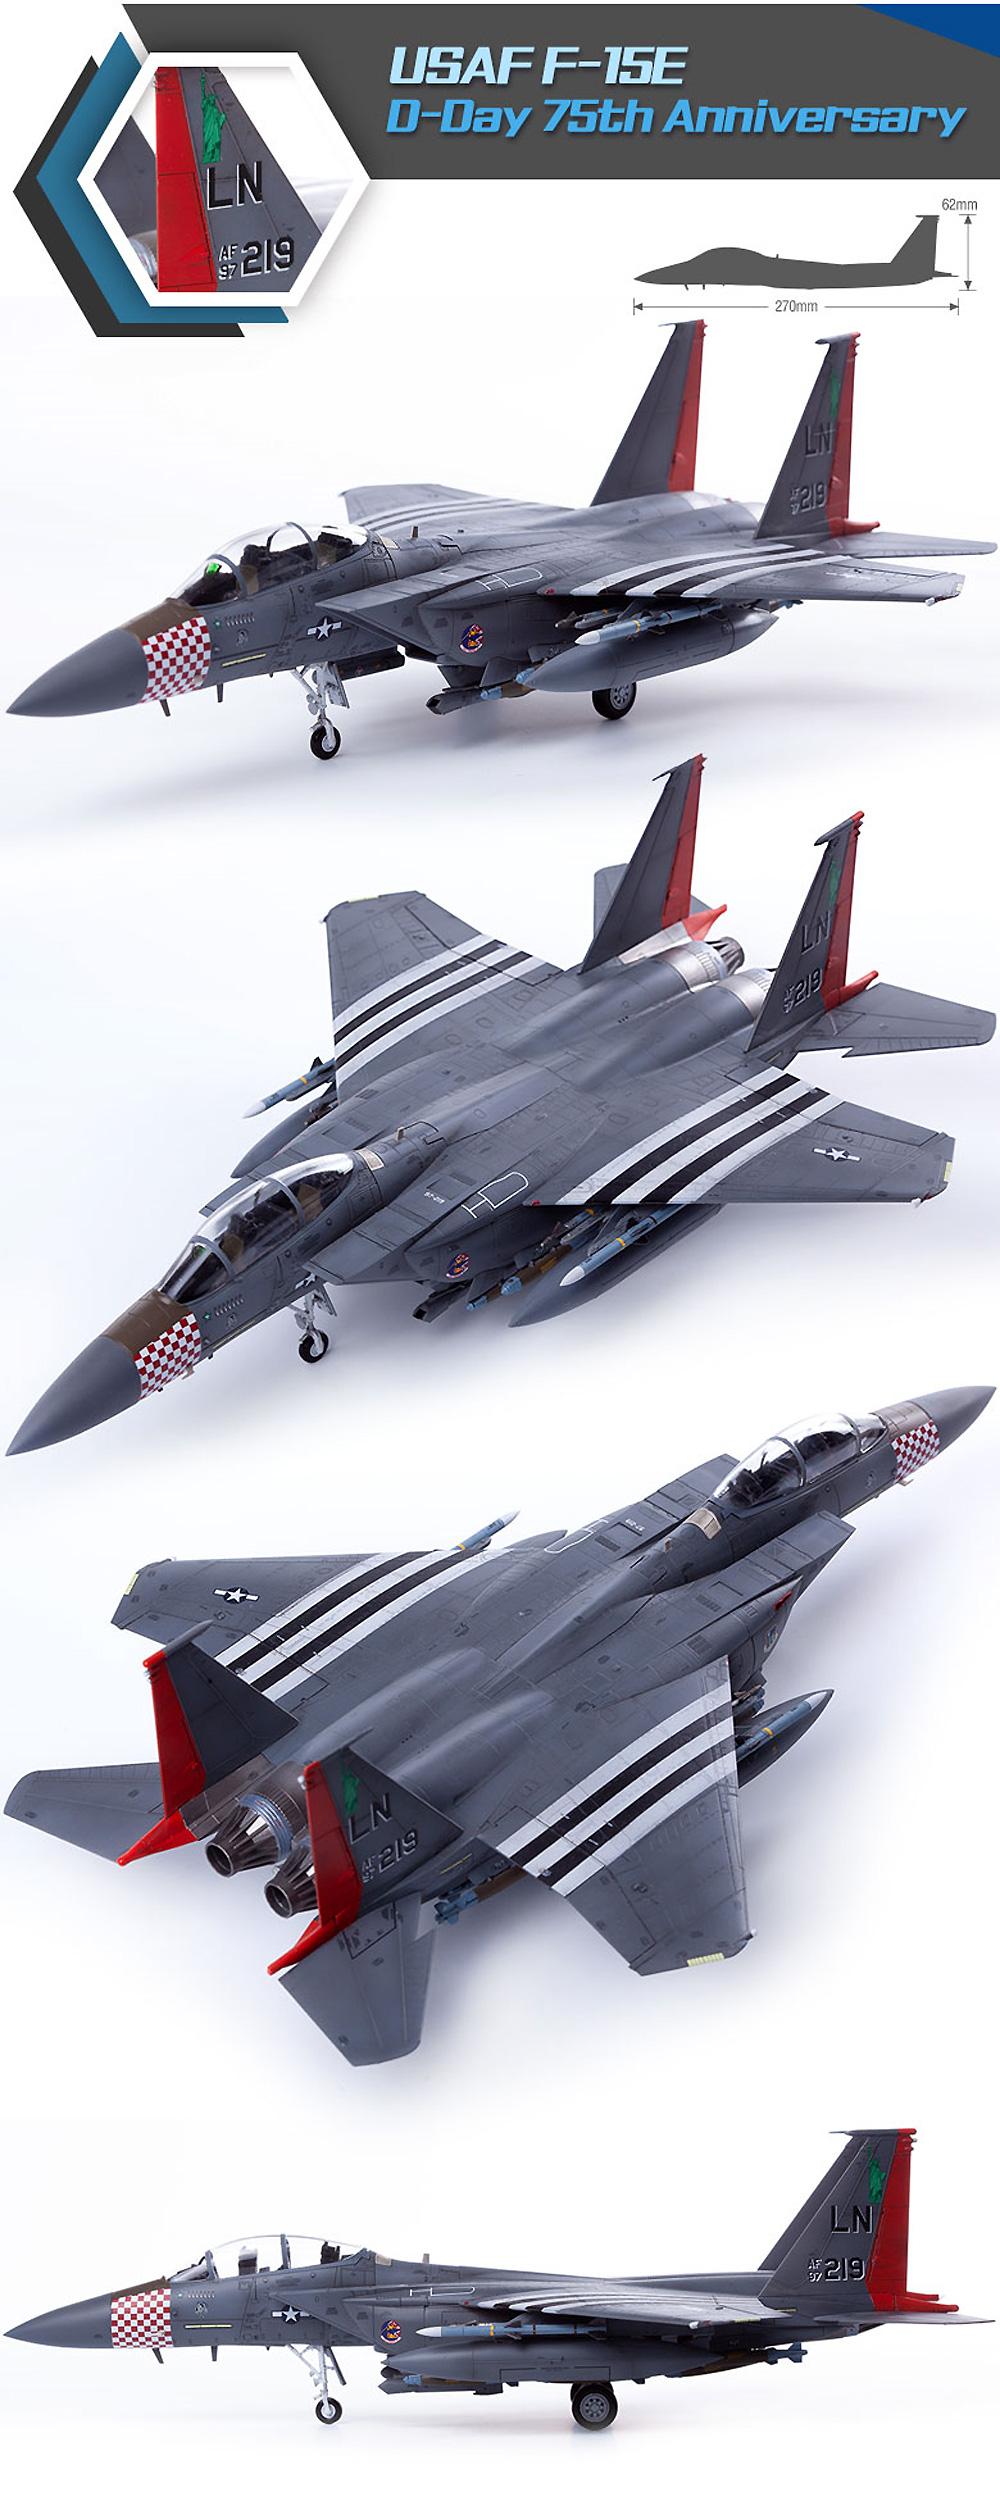 アメリカ空軍 F-15E ストライクイーグル D-DAY 75周年記念塗装プラモデル(アカデミー1/72 AircraftsNo.12568)商品画像_3